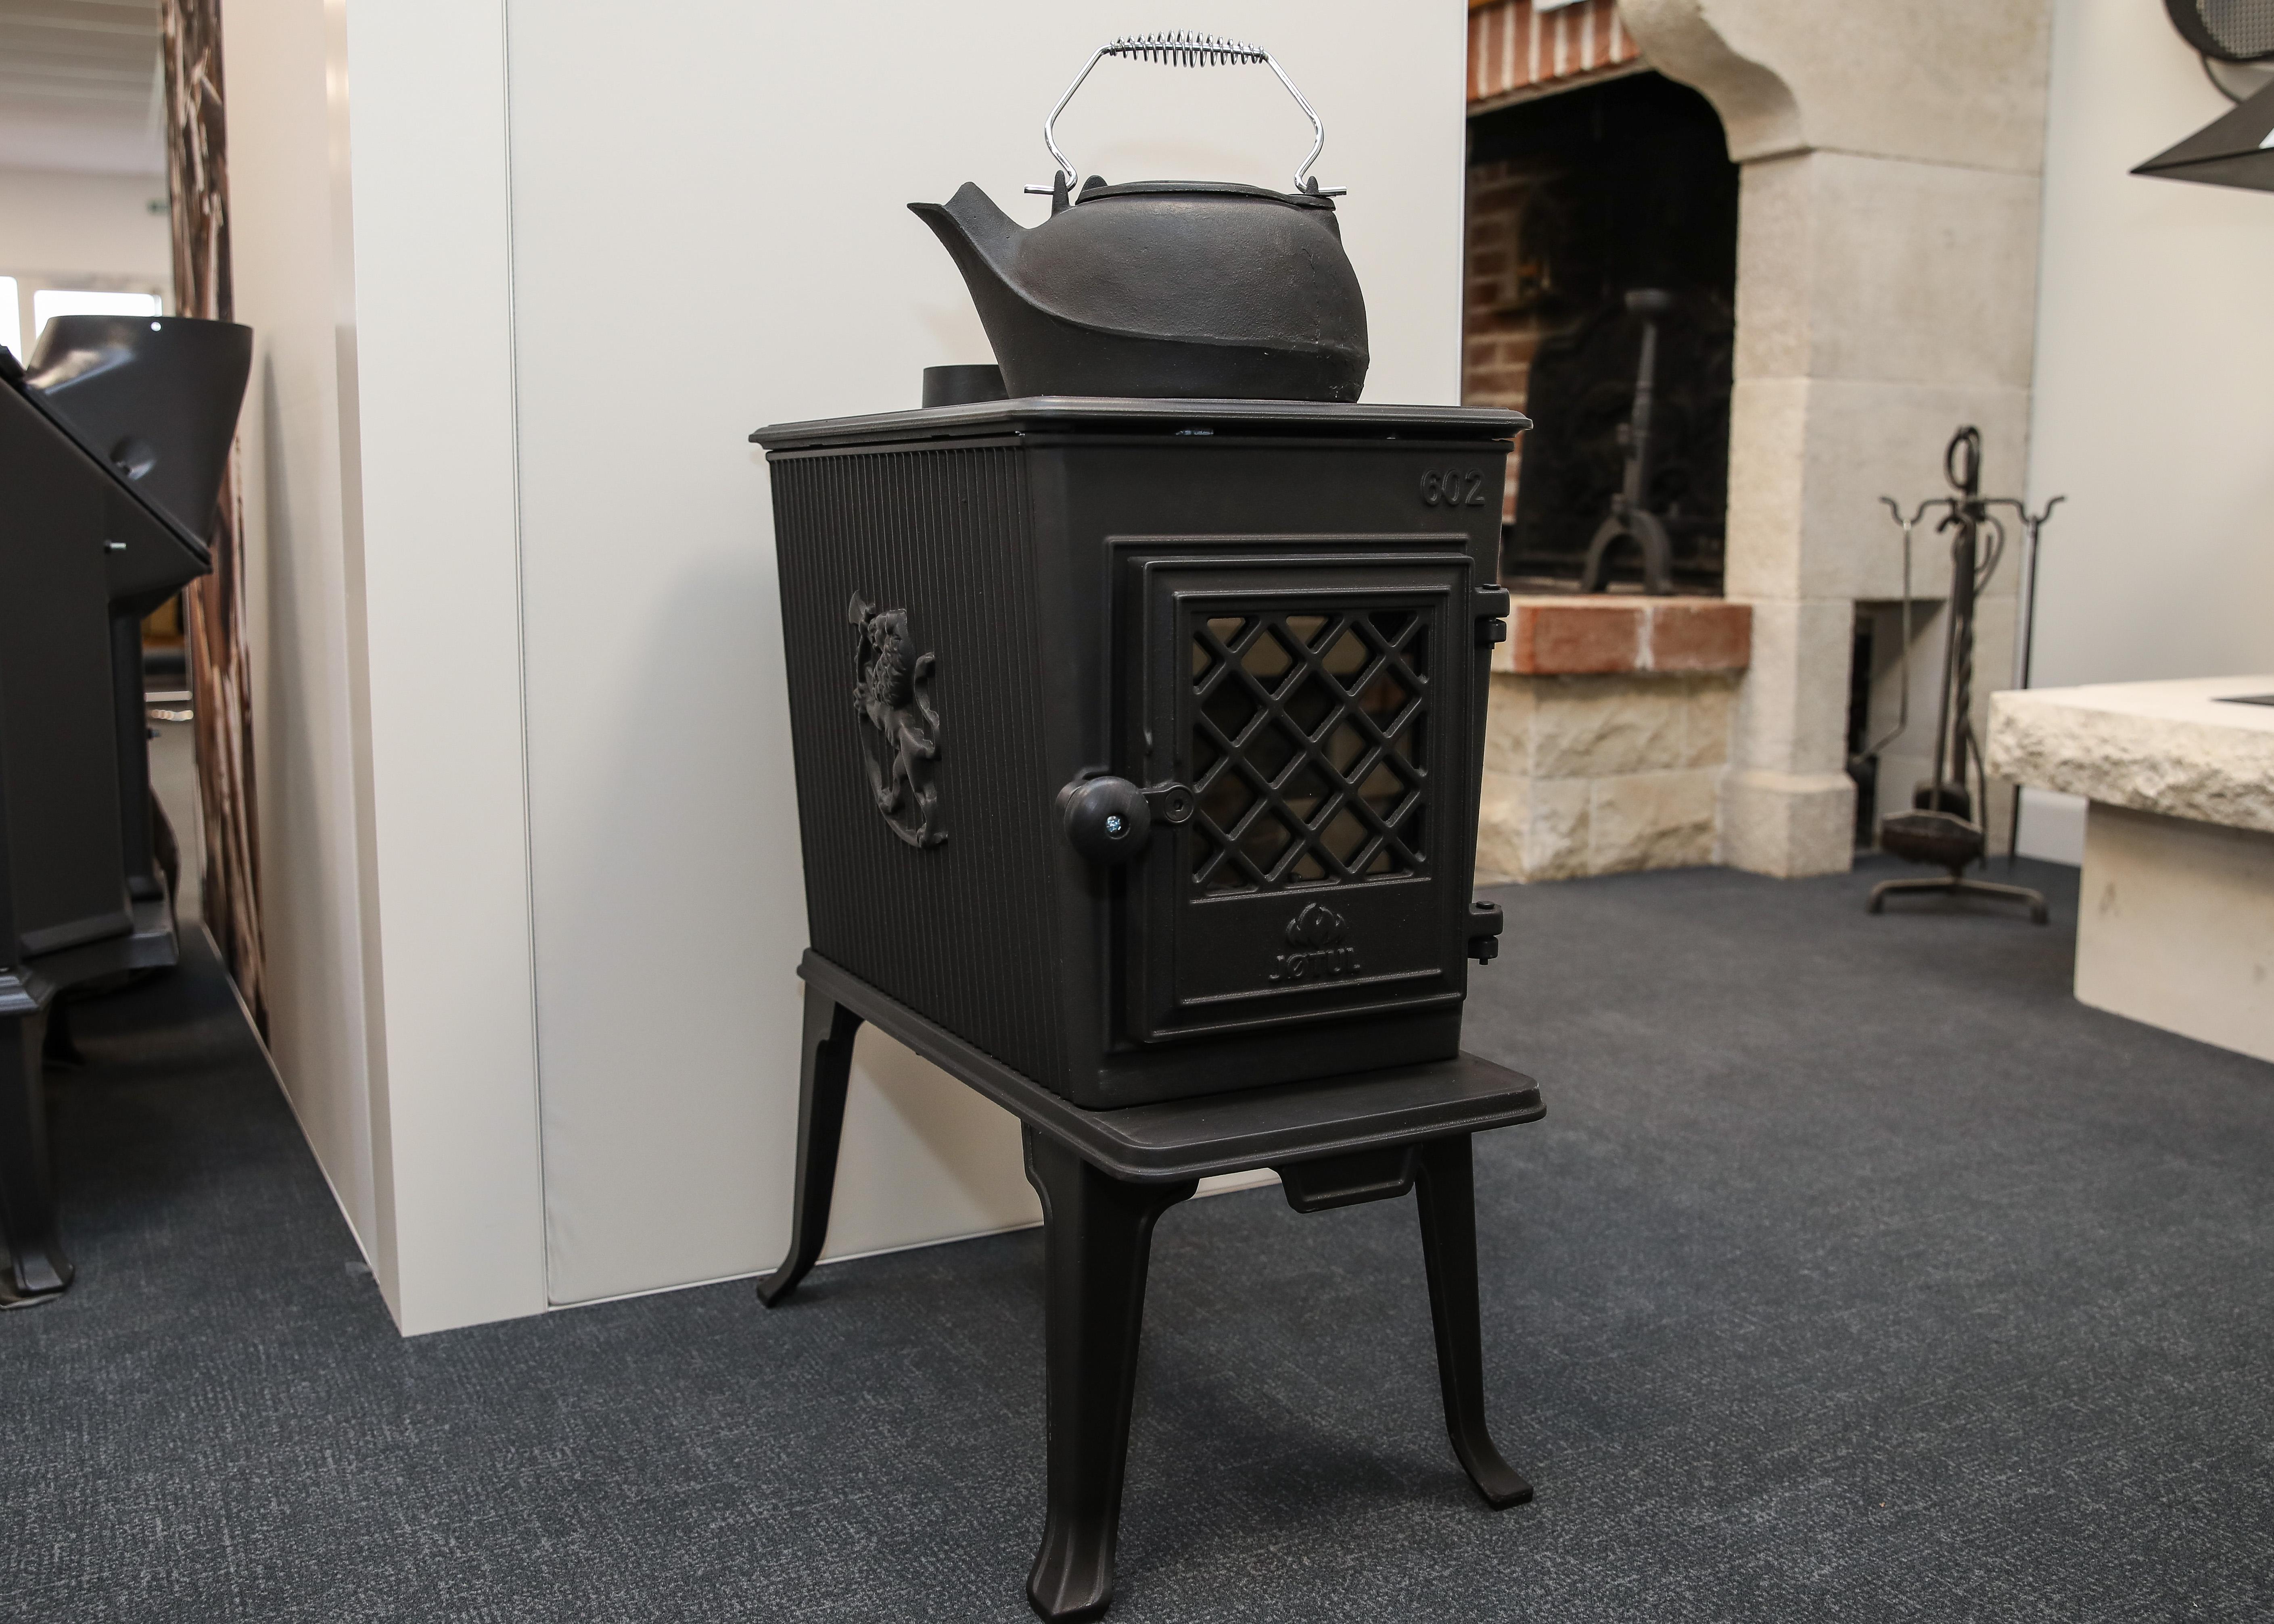 Showroom JOTUL Brive cheminée, JOTUL F 602 ECO, poele à bois, fonte, Norvège, étanche, rustique, plaque de cuisson